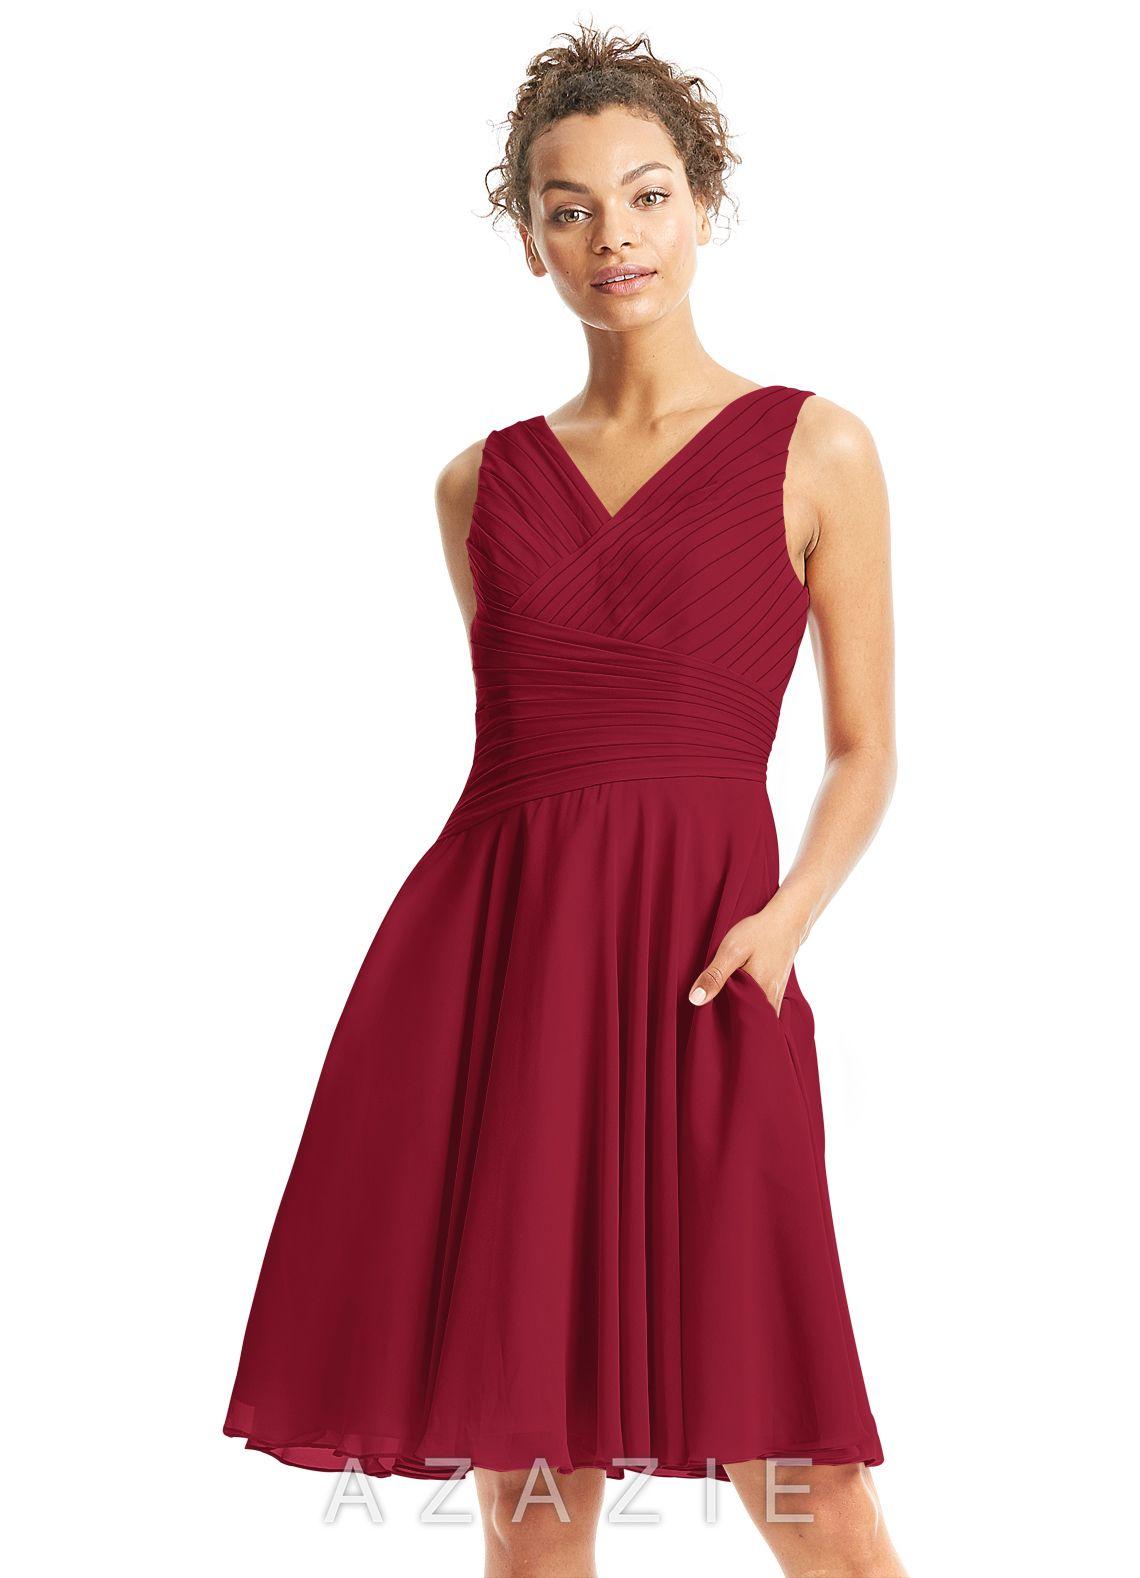 6dddc4795fb21 Azazie Jenna Bridesmaid Dress | Azazie